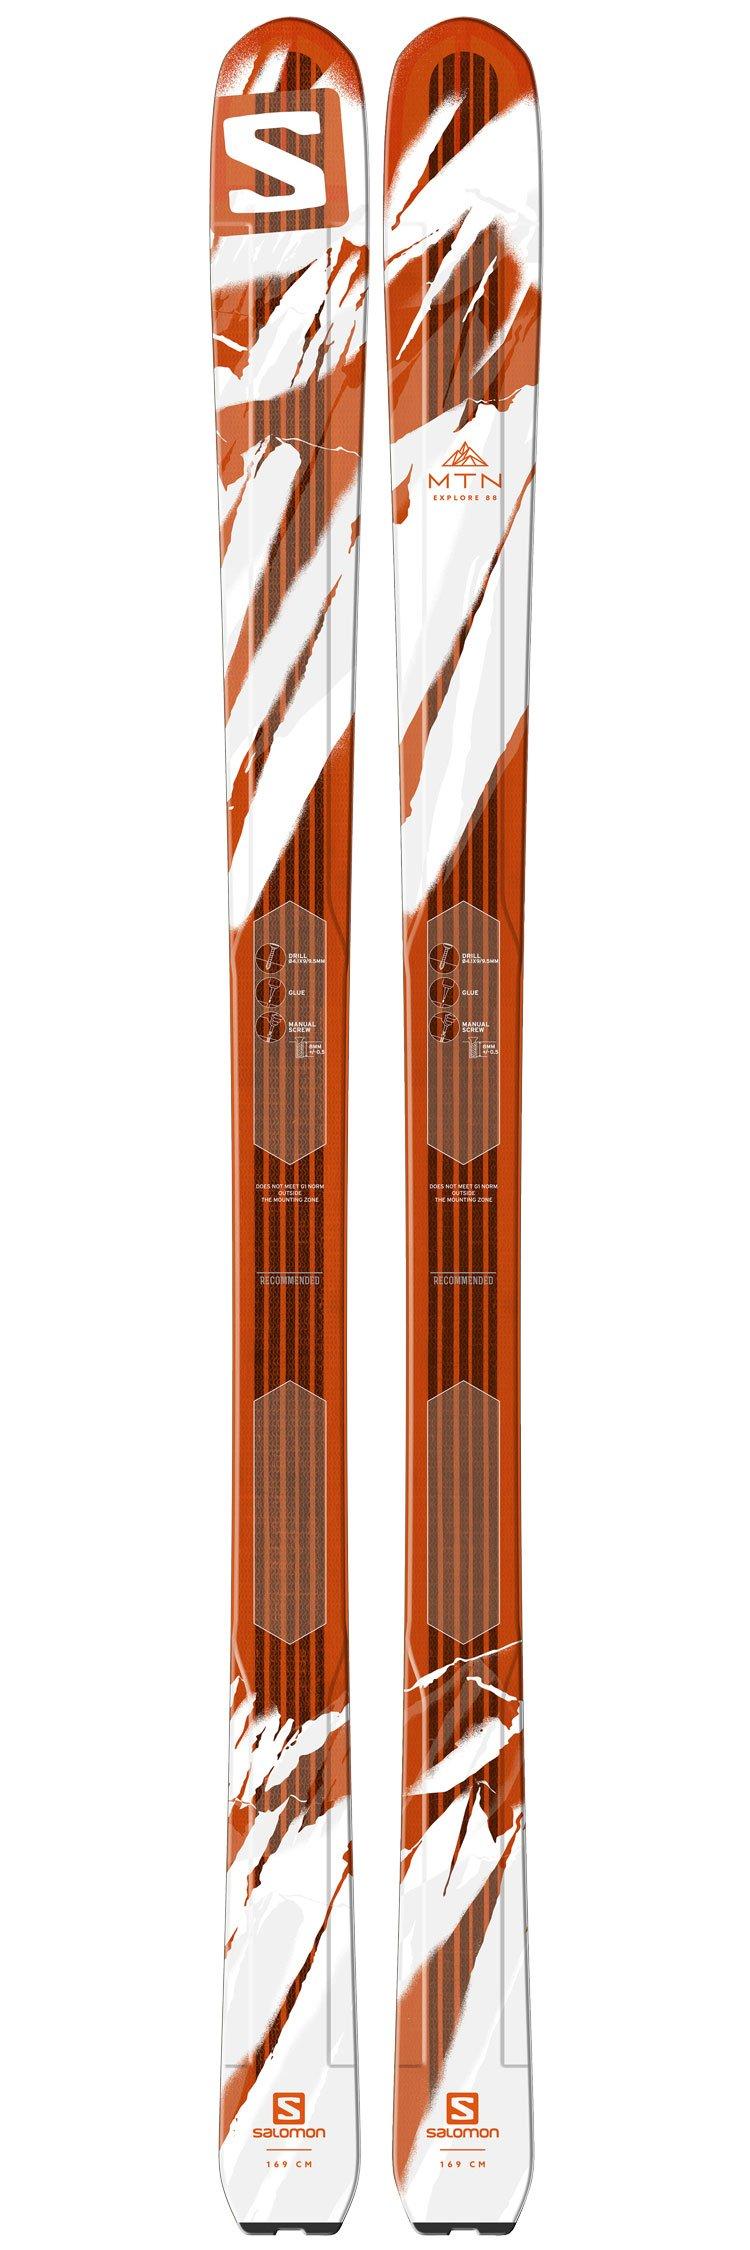 prezzo all'ingrosso stati Uniti repliche Salomon Alpine ski MTN Explore 88 - Winter 2017 | Glisshop